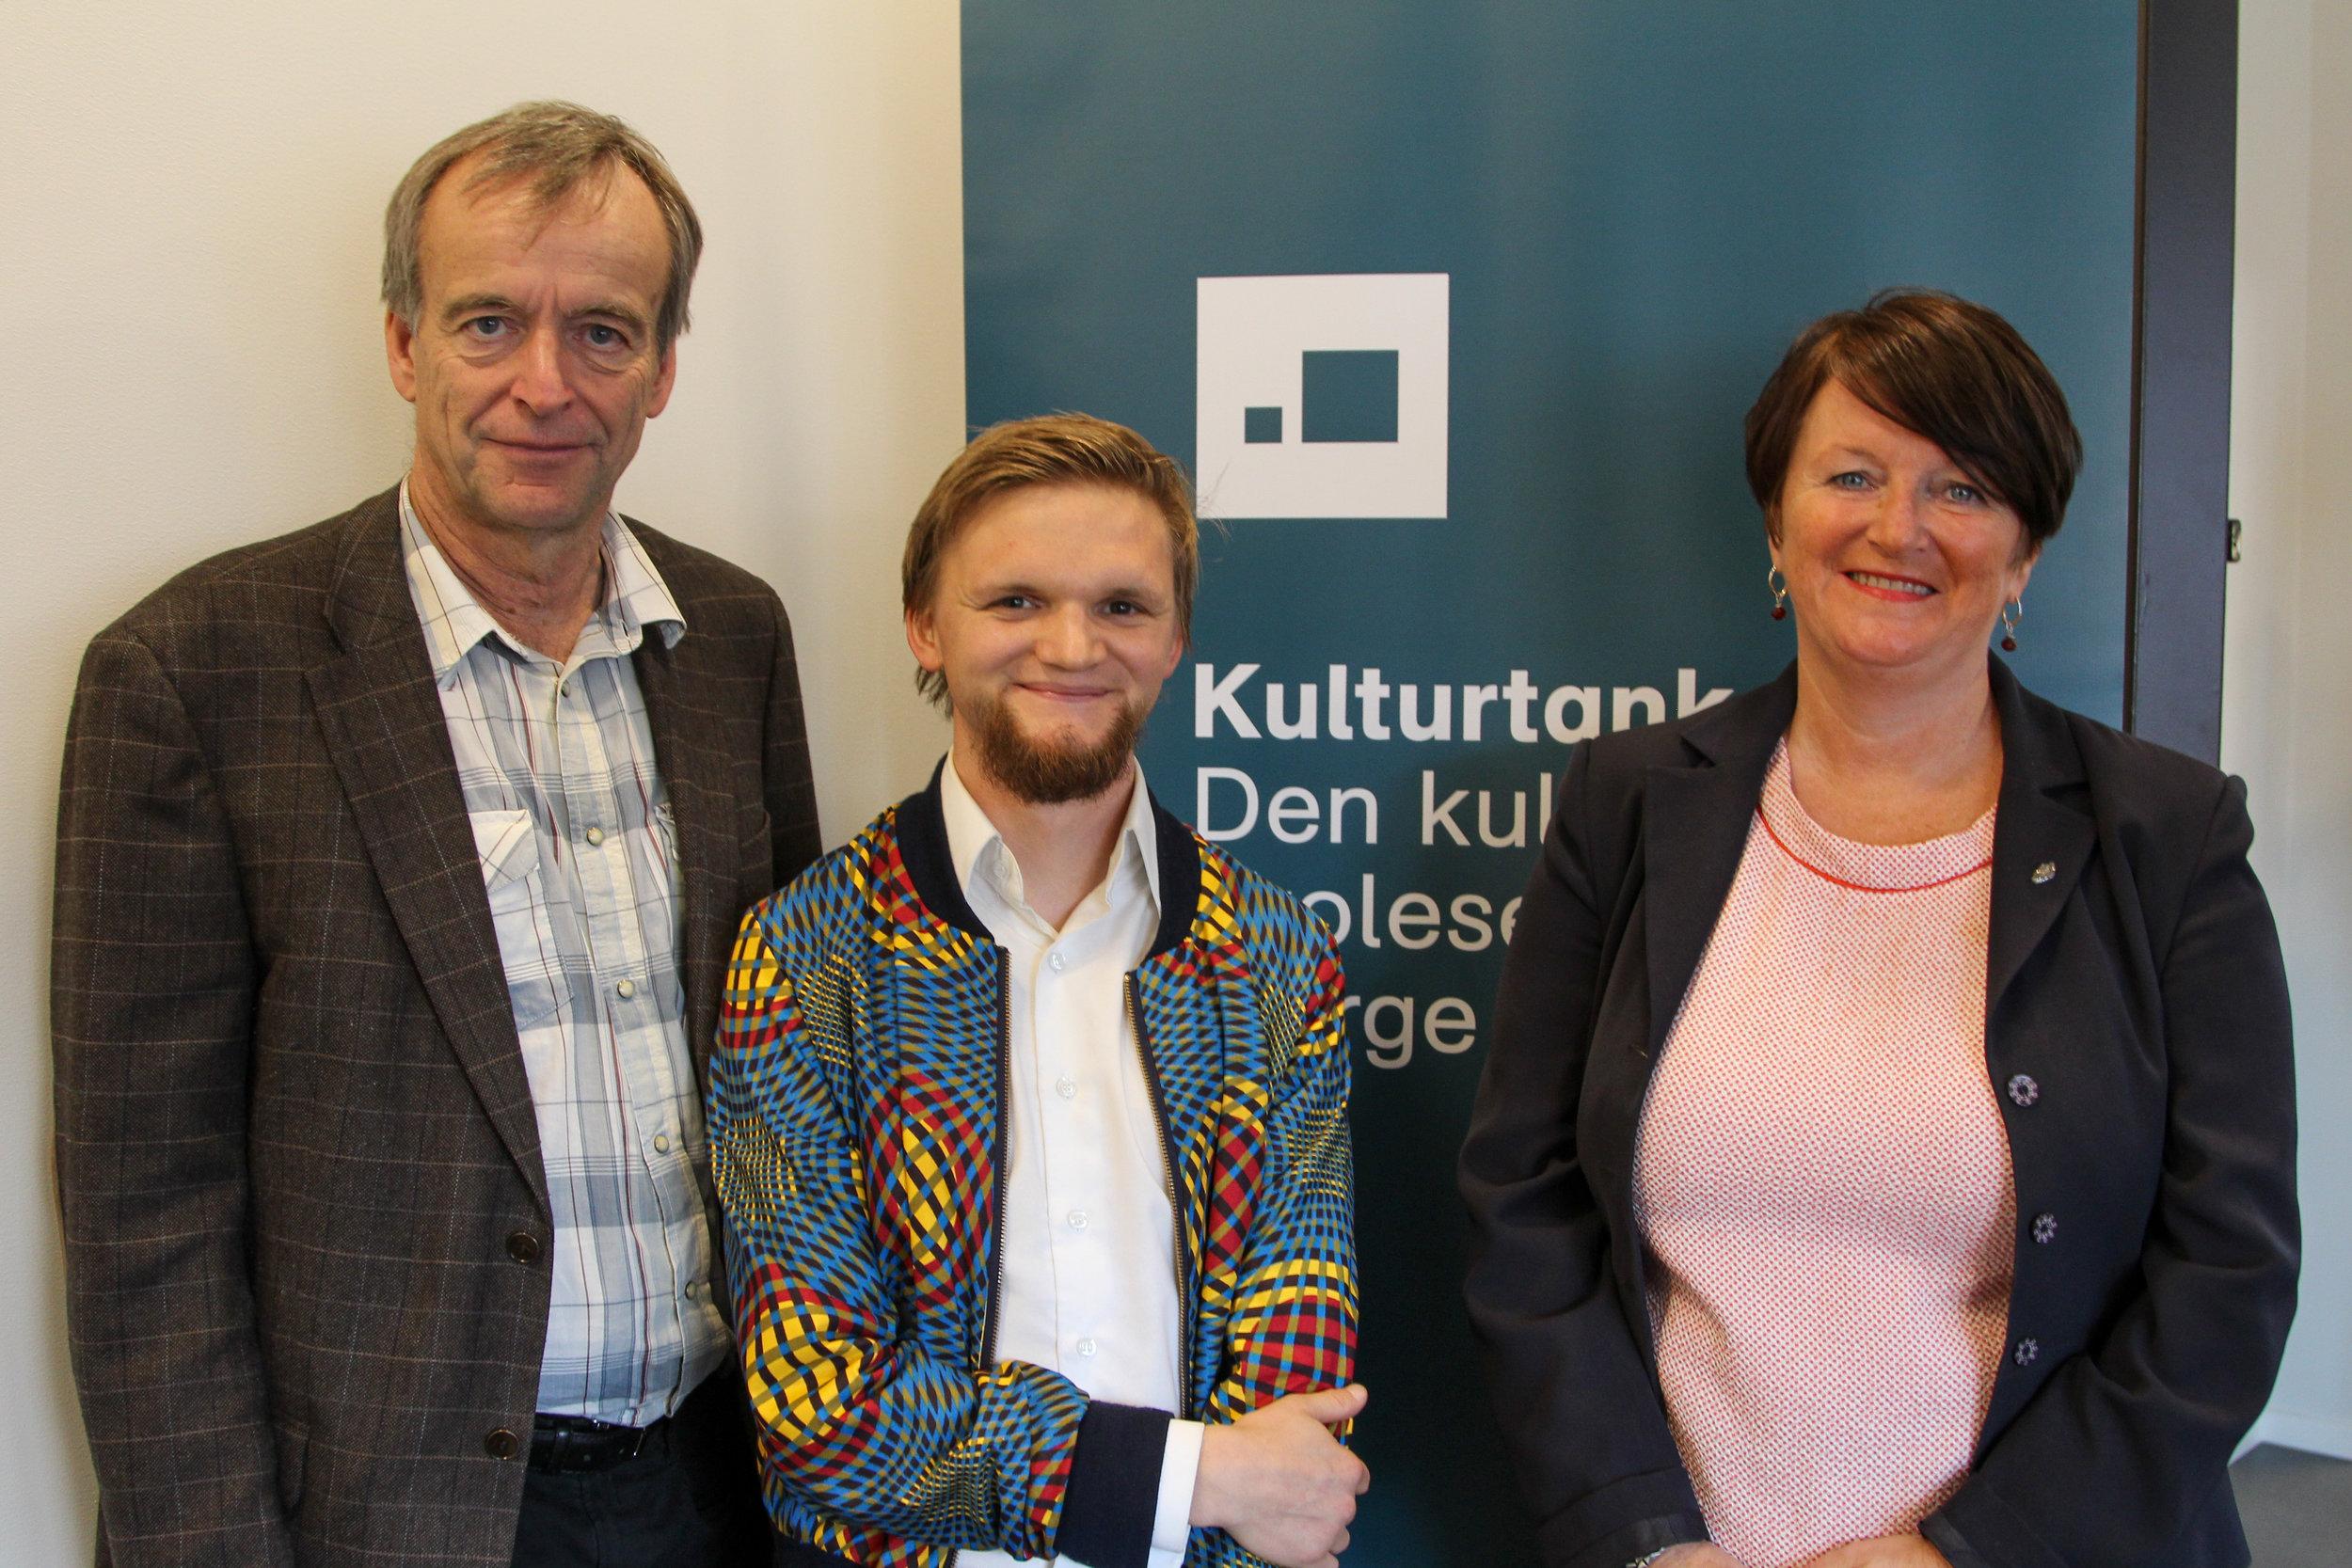 Knut Alfsen, Daniel Nørbech og Lin Marie Holvik